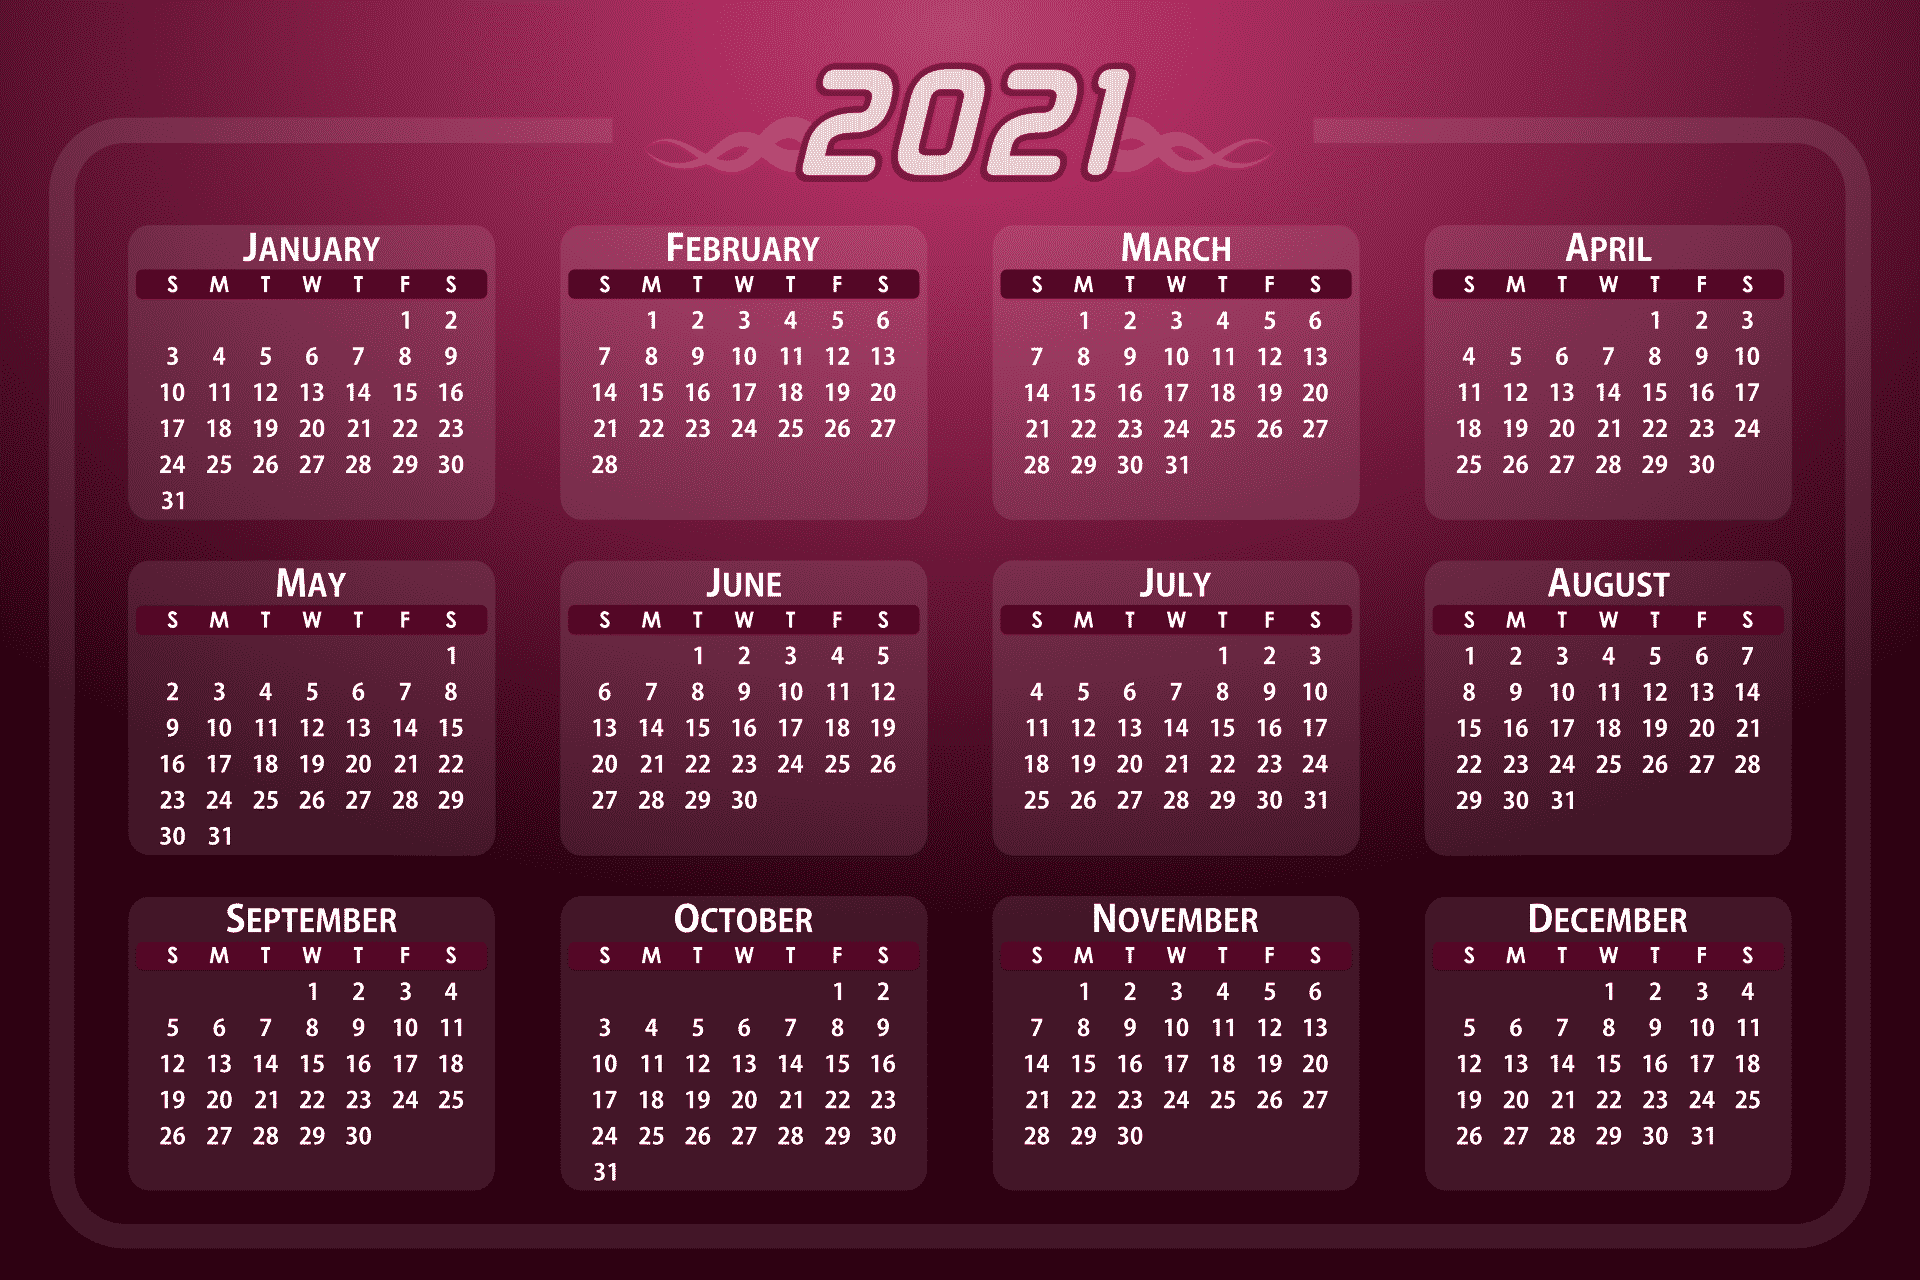 Μισθοί στρατιωτικών 2021: Ημερομηνίες πληρωμής Αναλυτικά πότε πληρώνονται τη μισθοδοσία τους οι στρατιωτικοί όλο το χρόνο